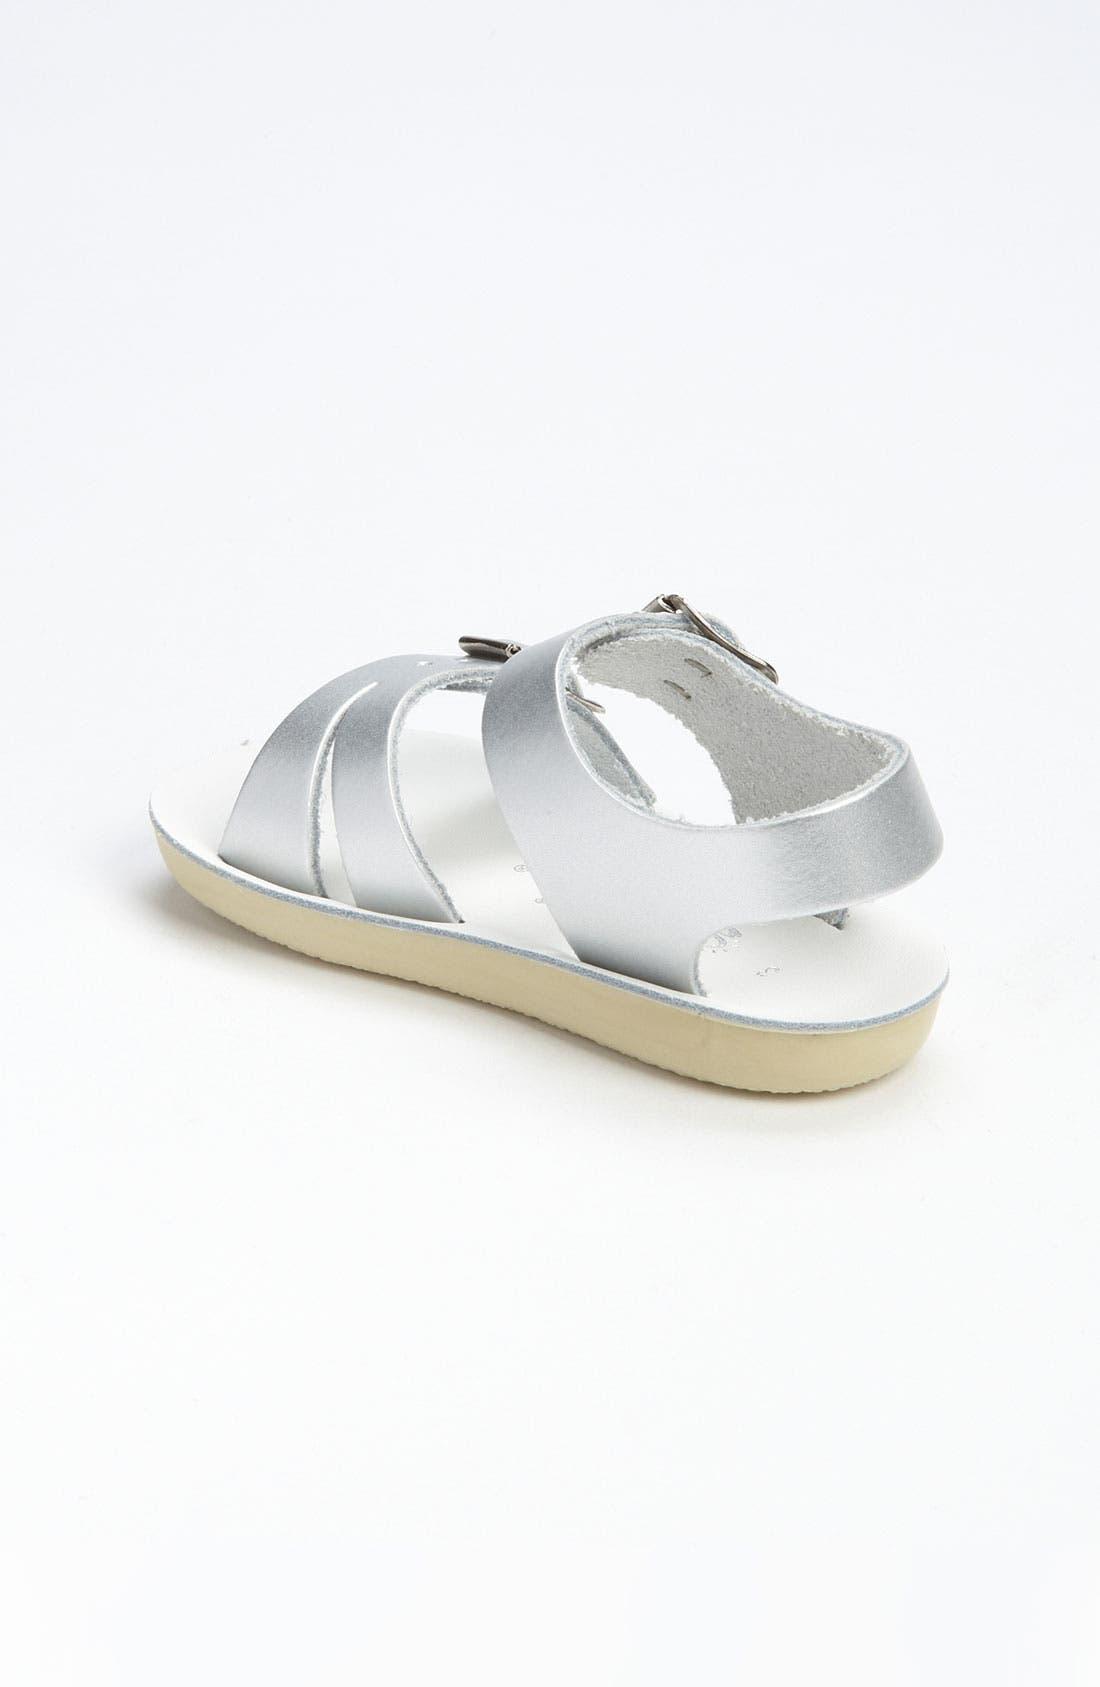 Alternate Image 2  - Salt Water Sandals by Hoy 'Sea Wee' Sandal (Baby)